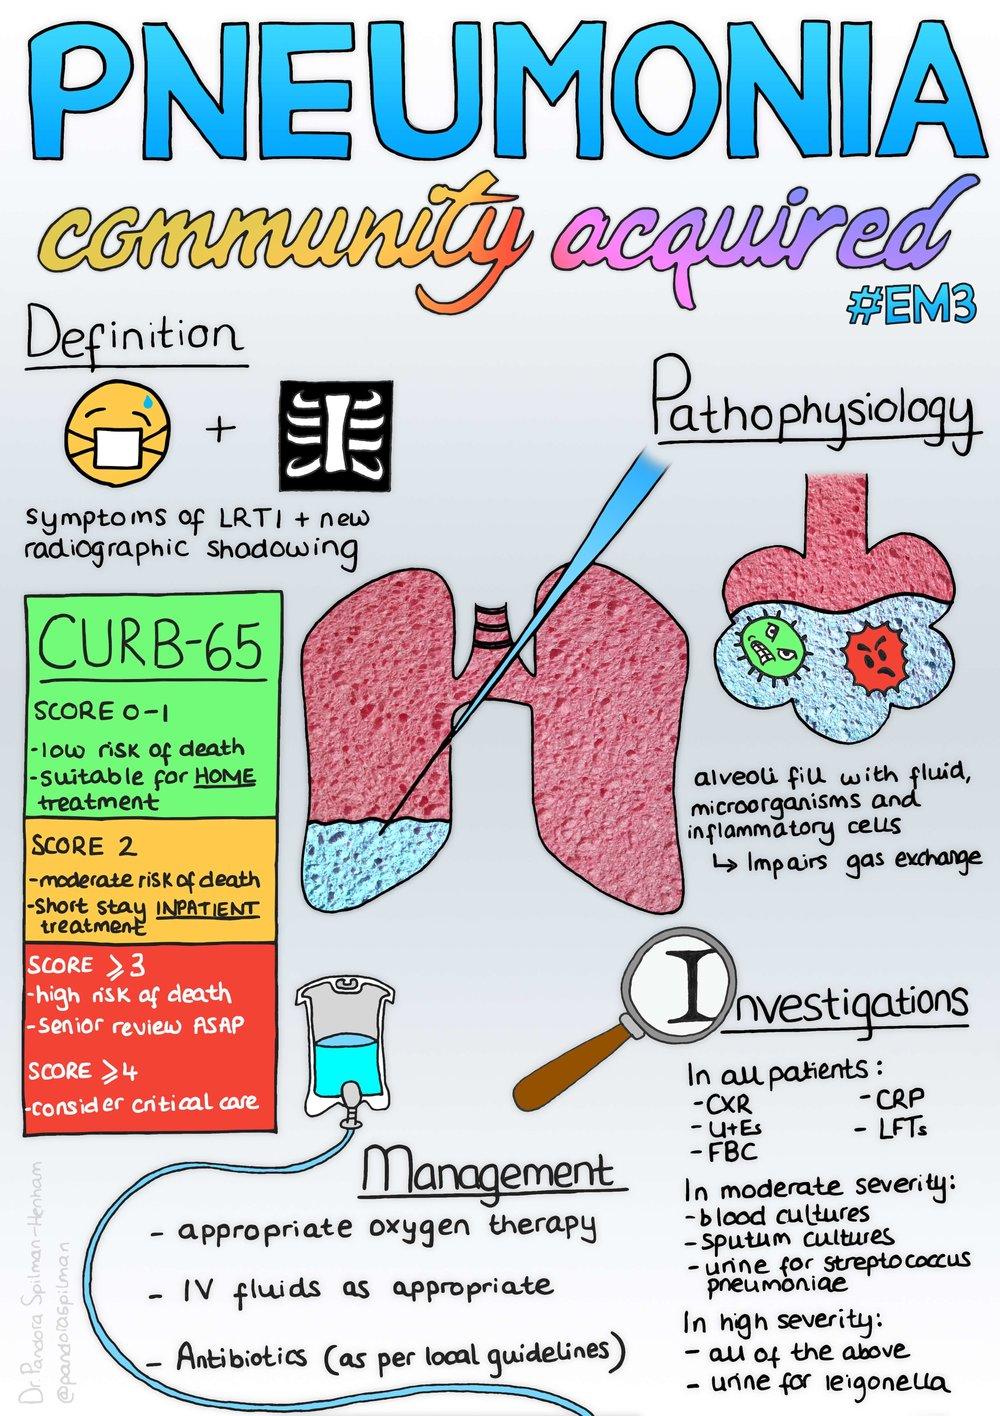 Pneumonia (Community Acquired) infographic.jpg